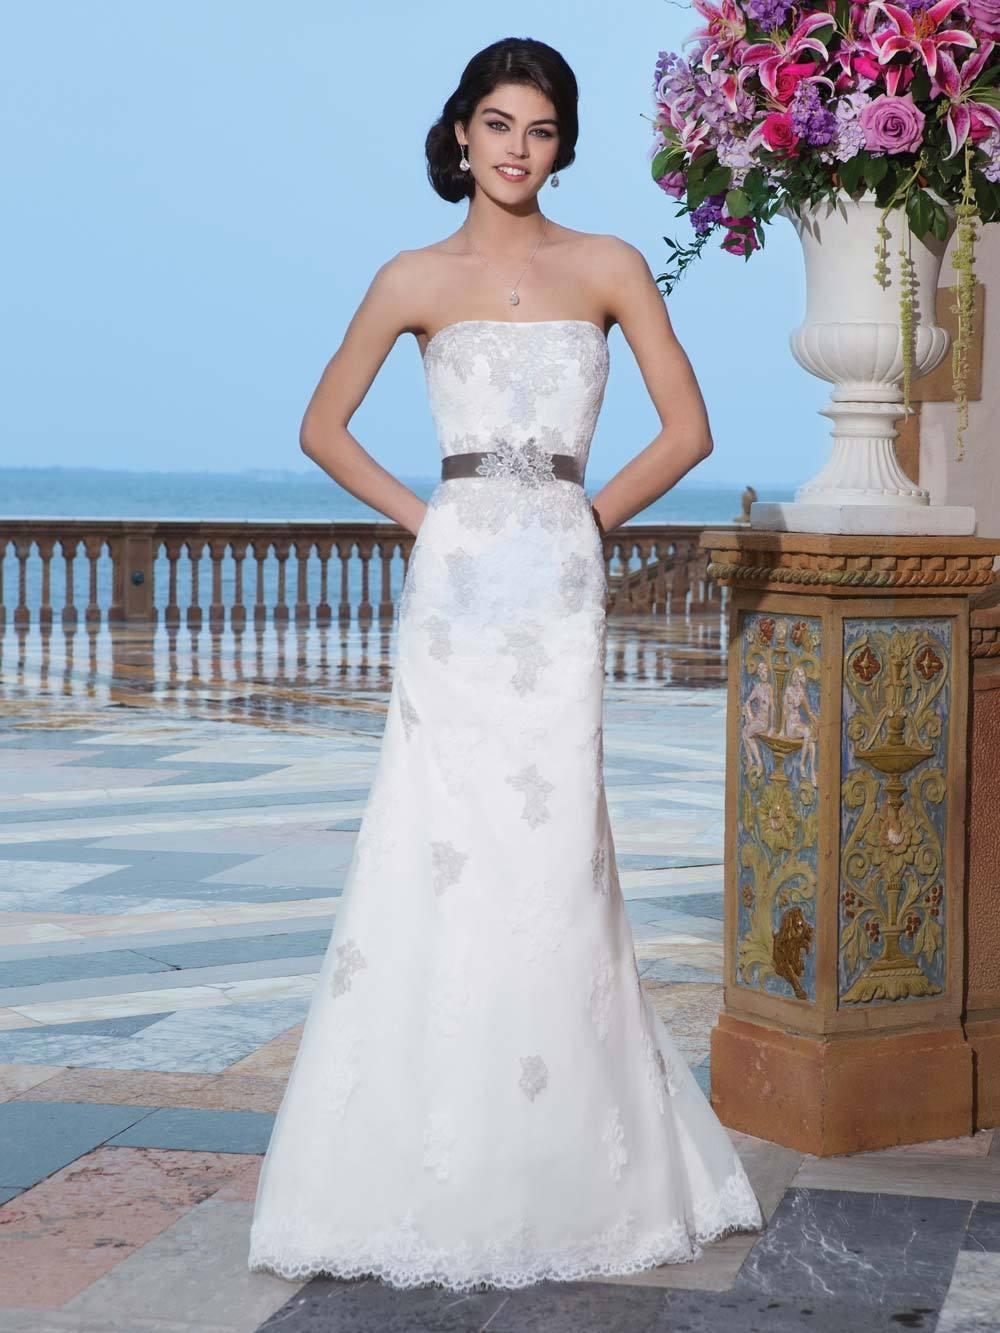 Brautkleid 3833 von Sincerity auf Jade